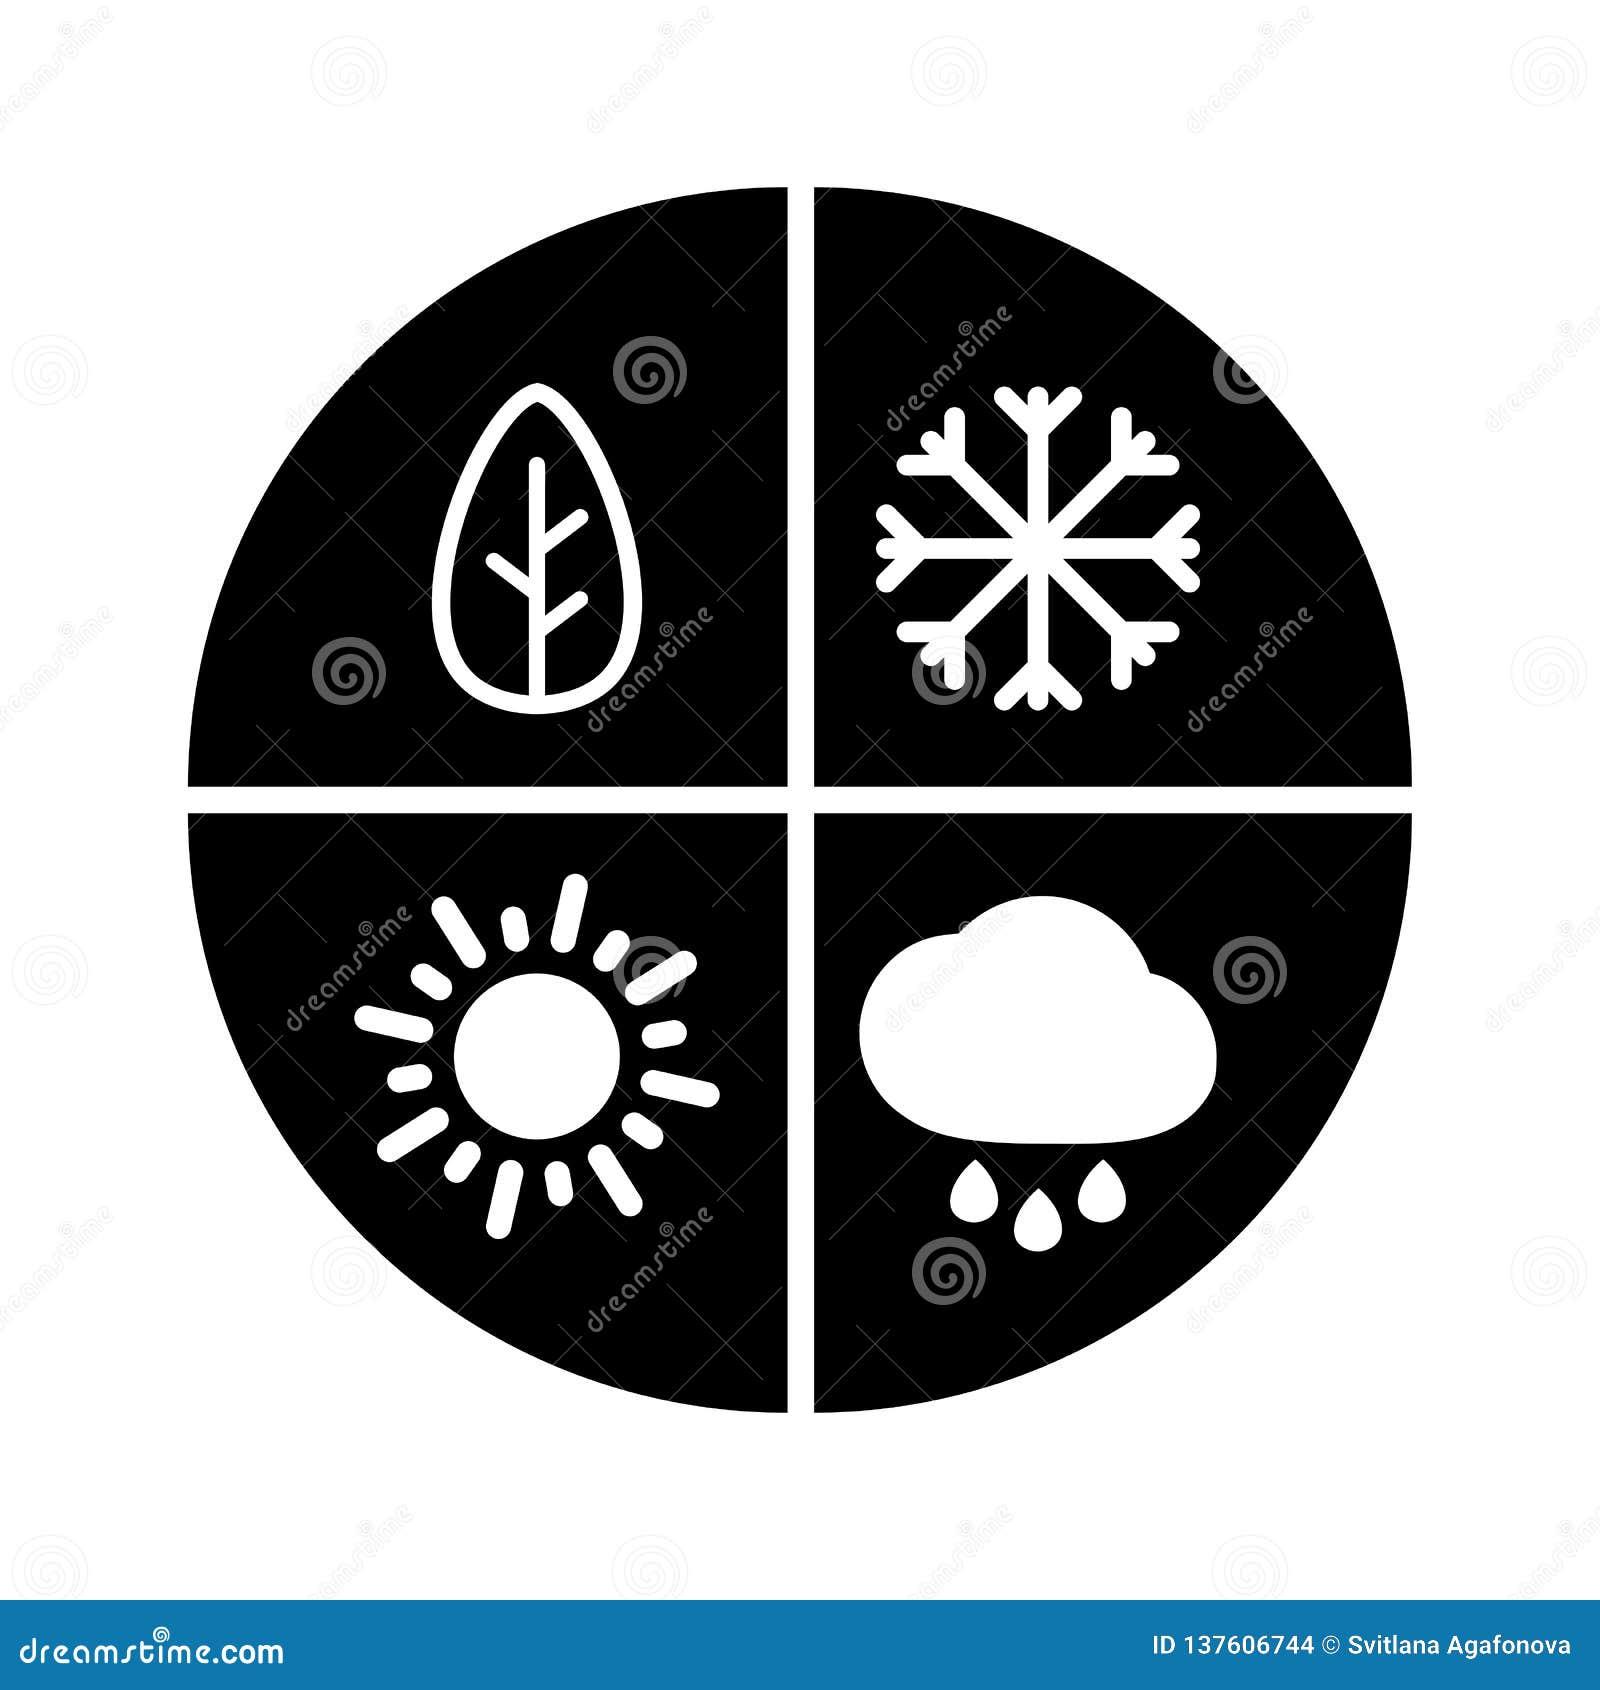 Vetor liso preto gráfico todos os ícone de quatro estações isolado inverno, mola, verão, outono - todo o ano sinal Neve, chuva e